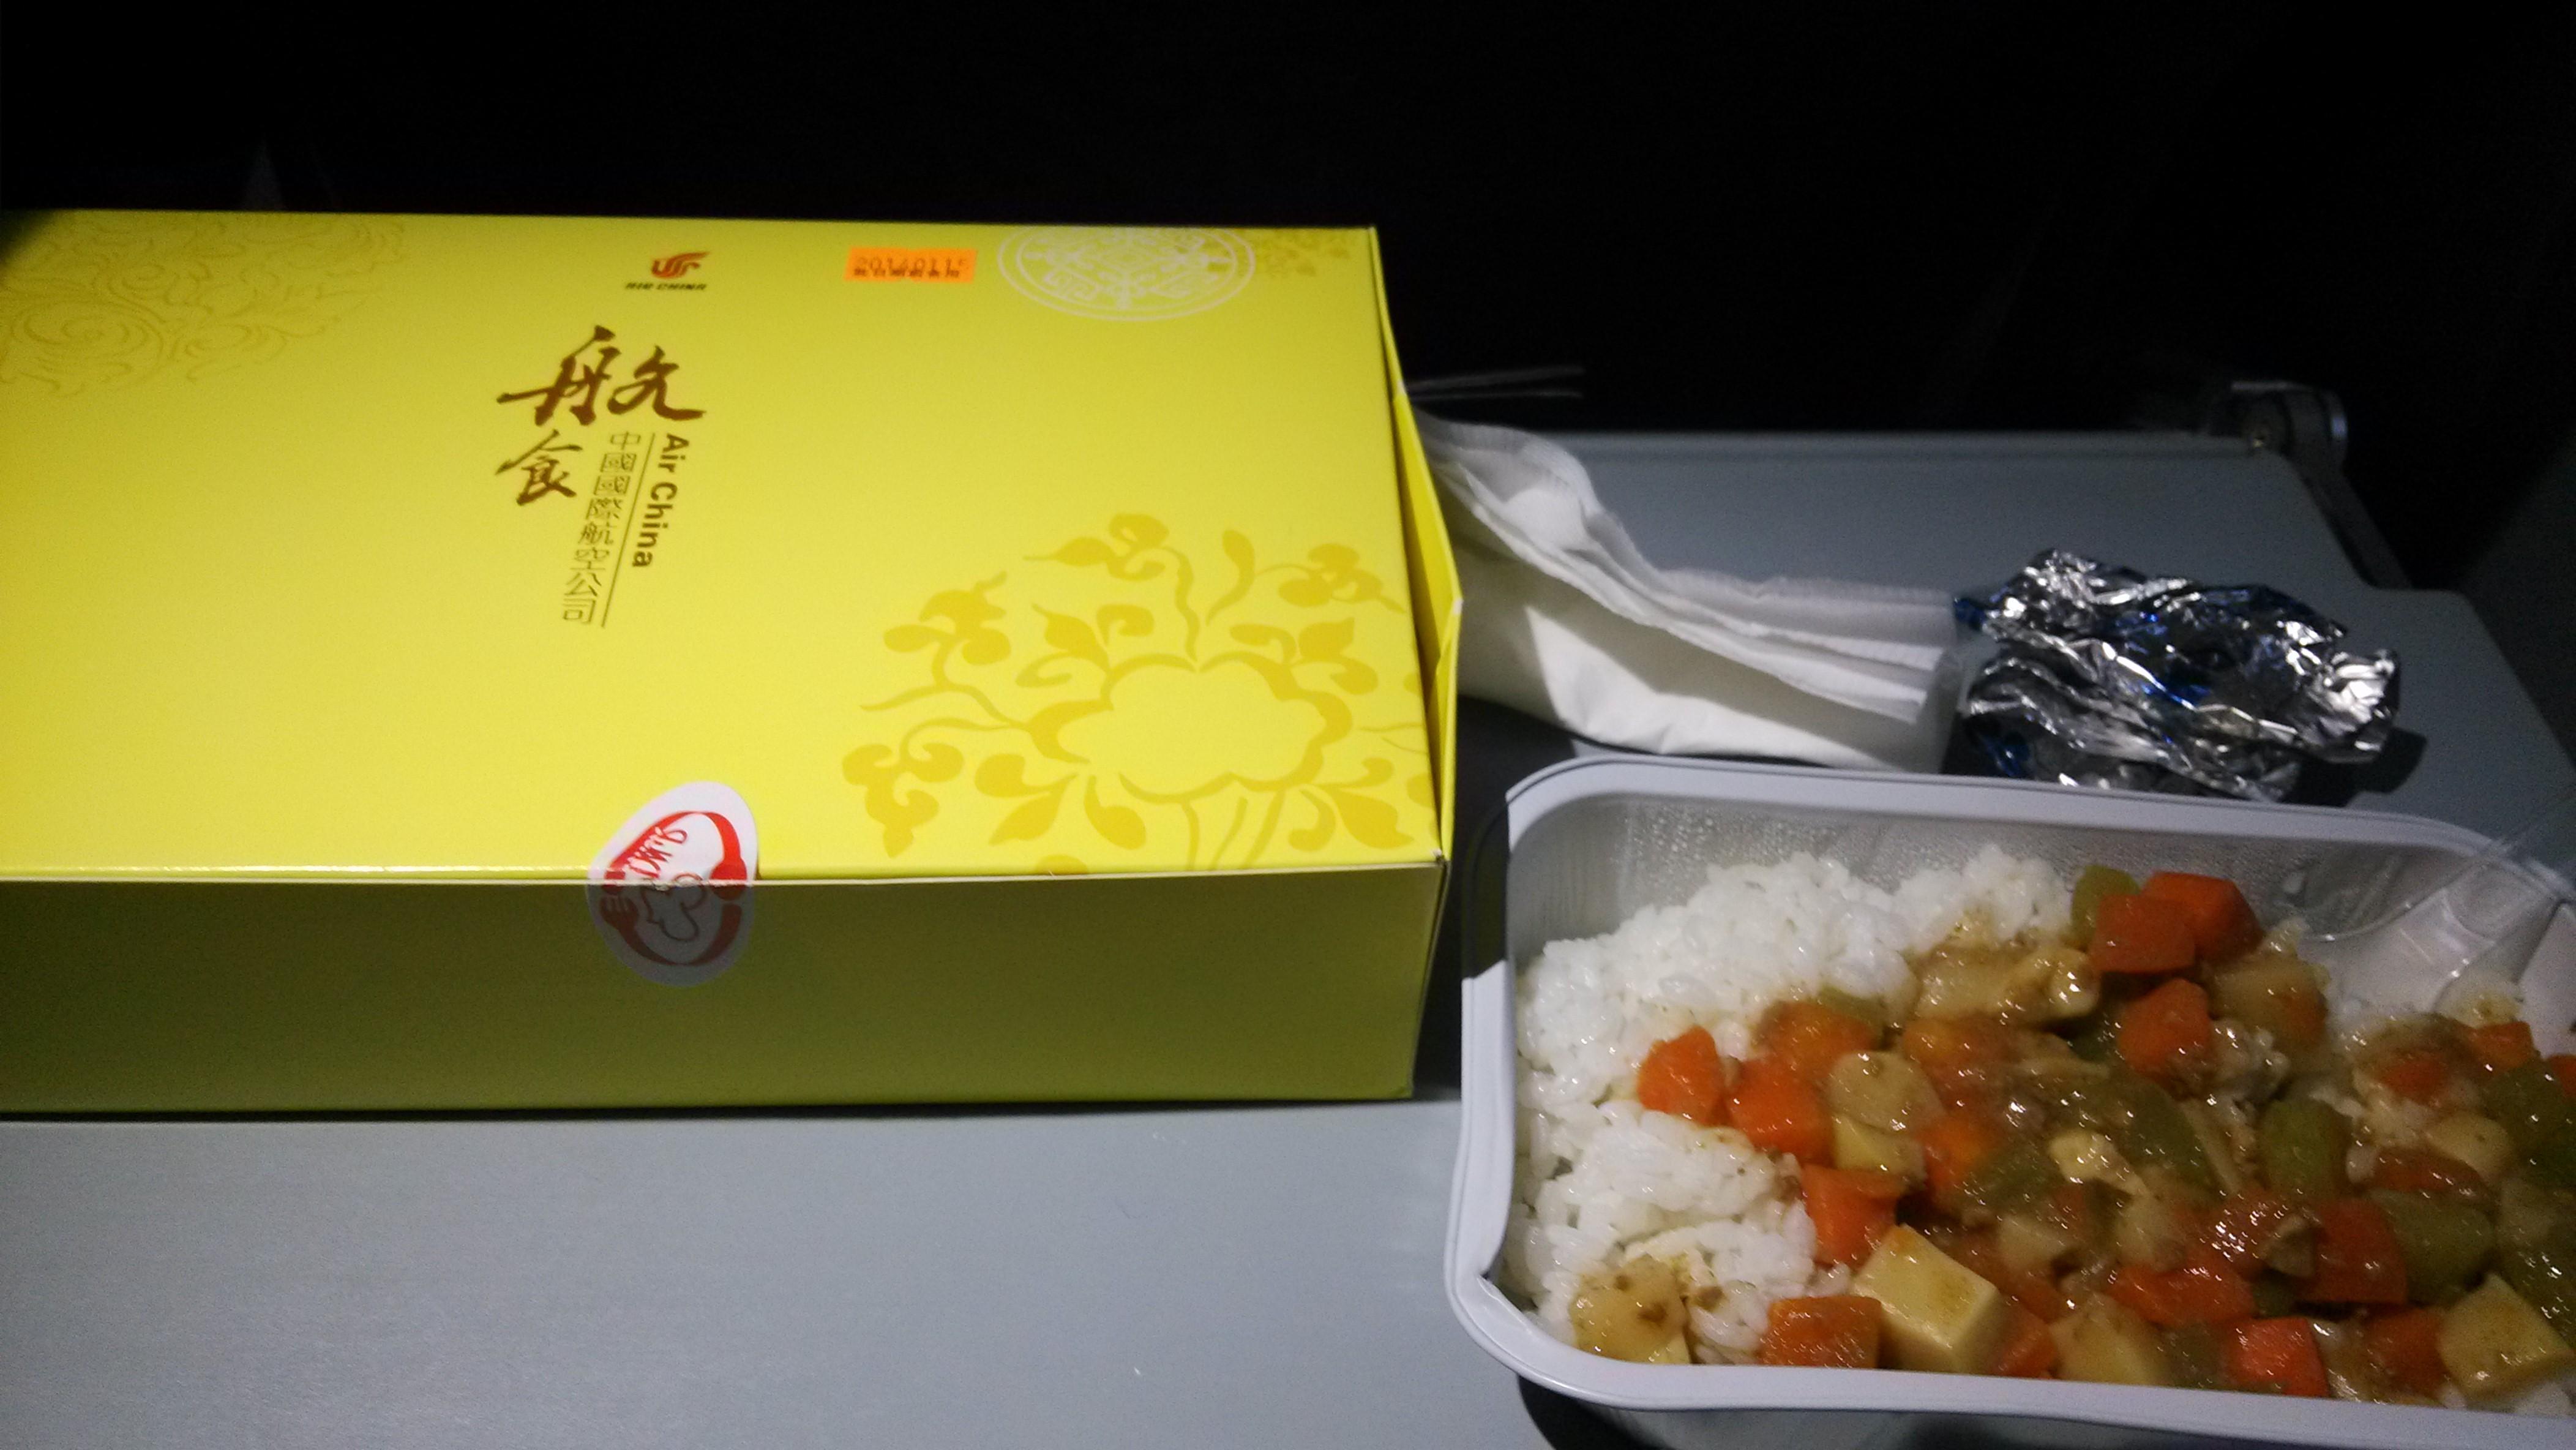 飞机上的餐食代码